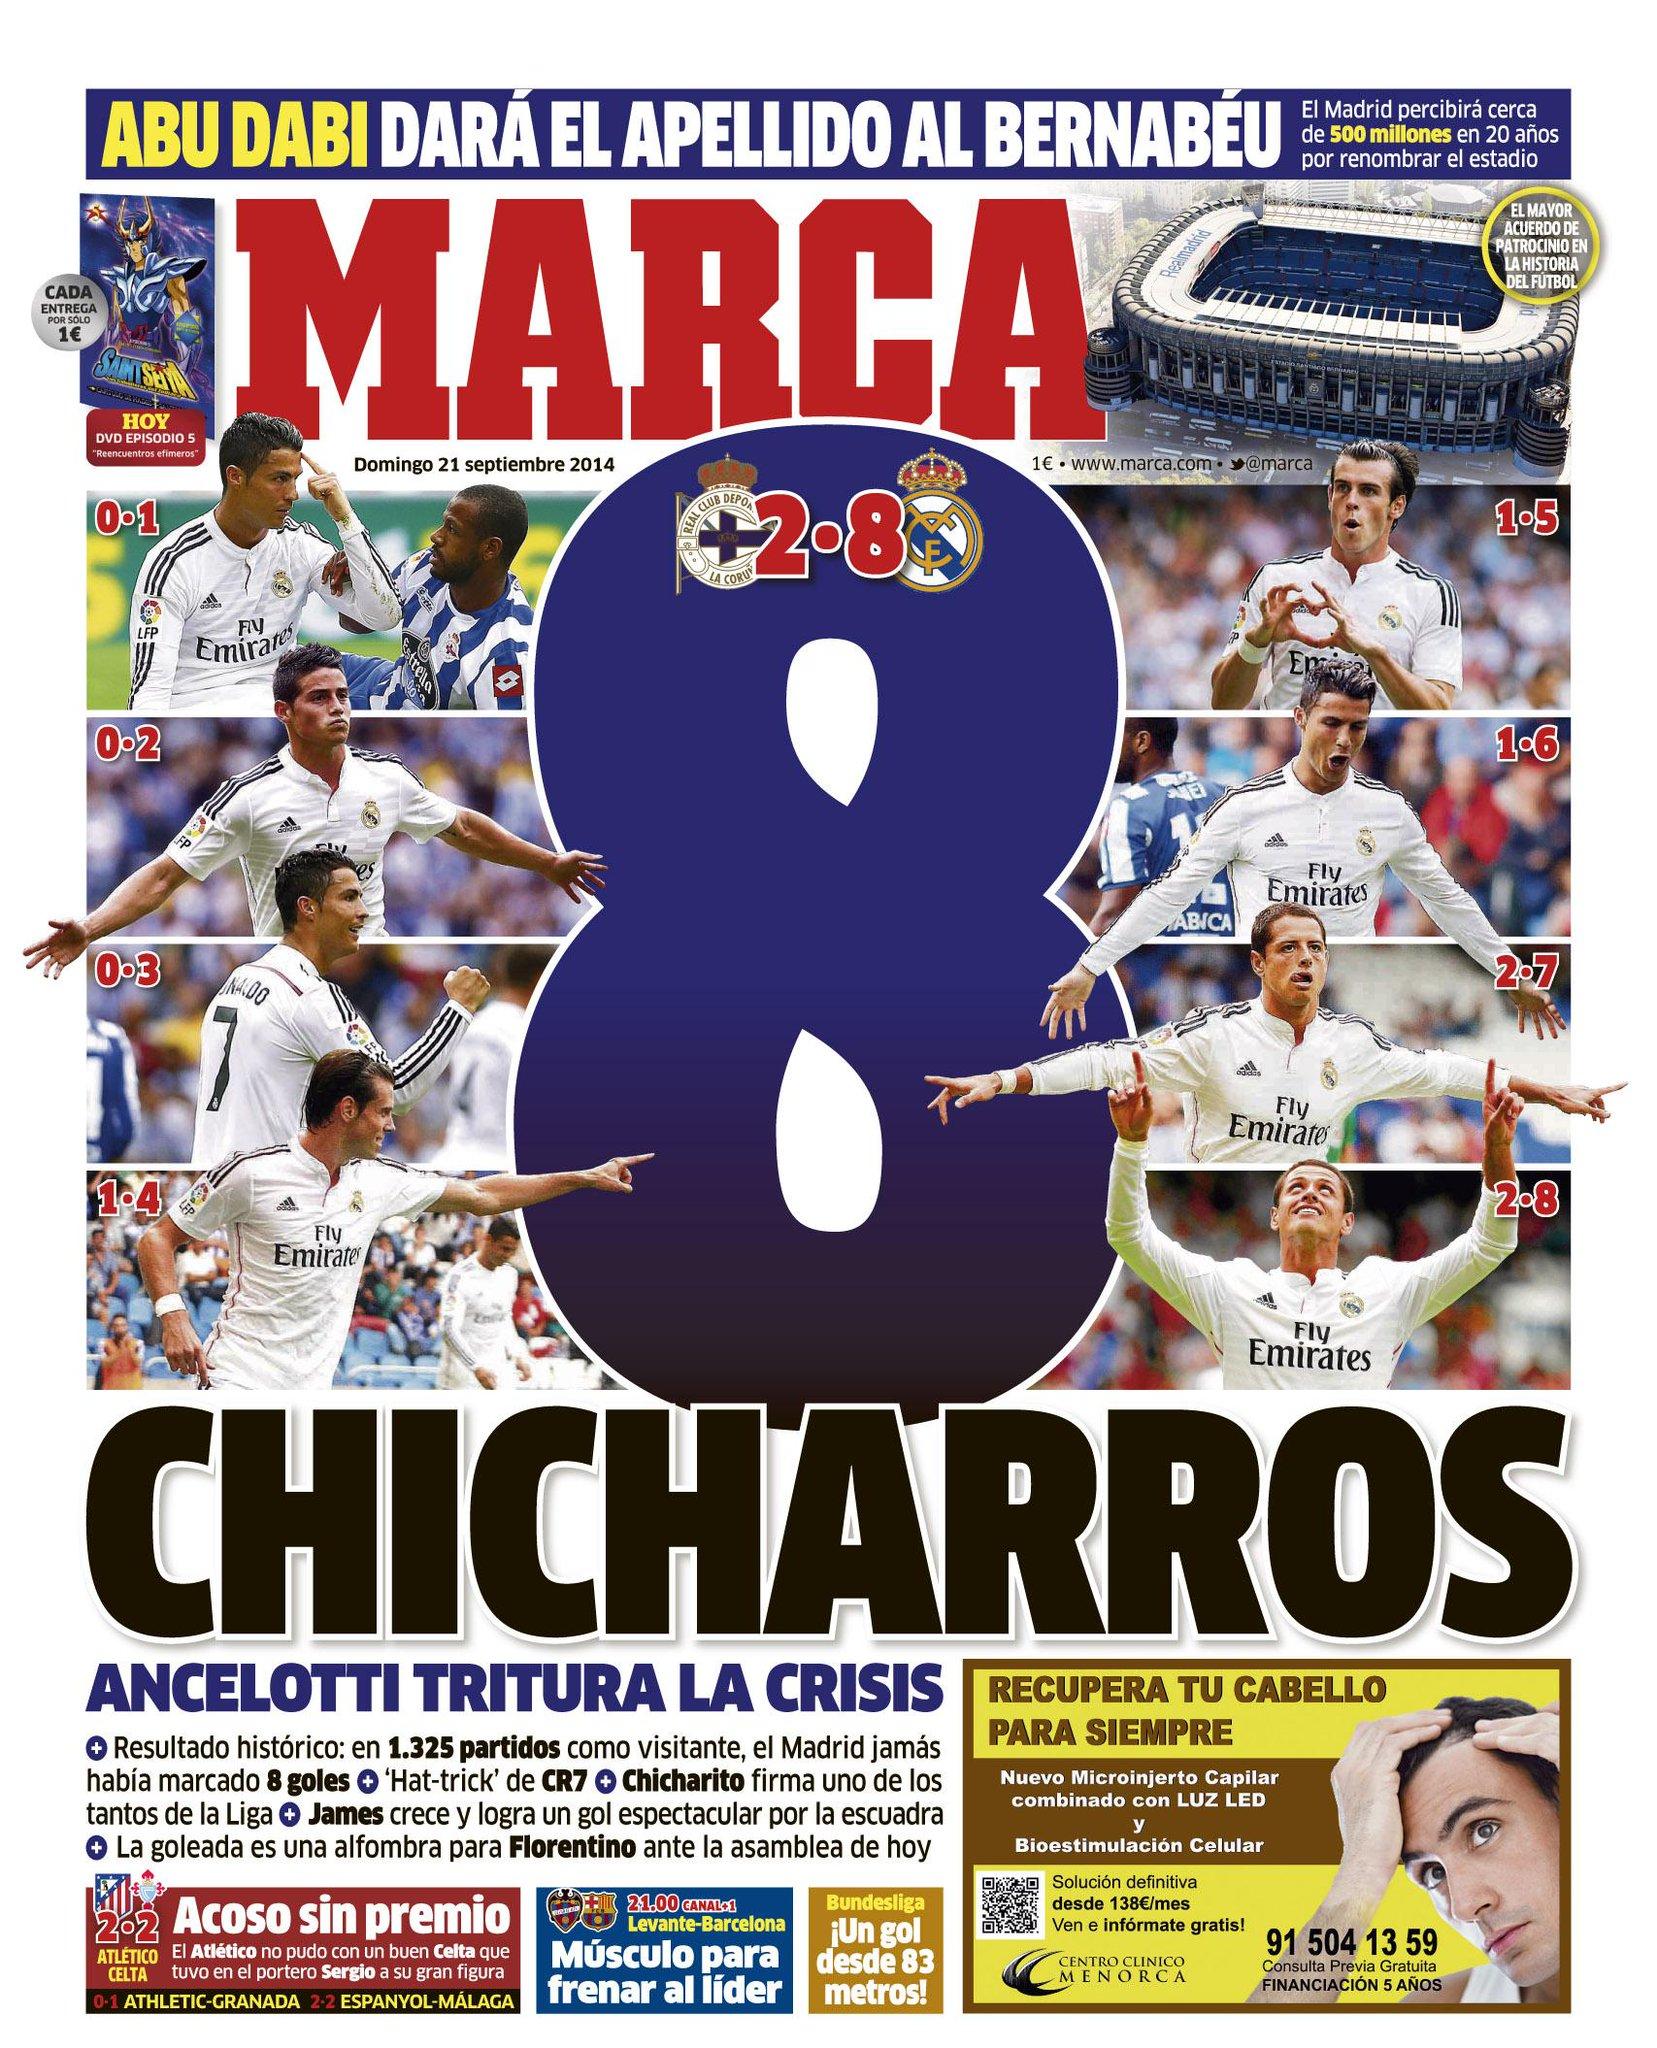 #LaPortada '8 chicharros' http://t.co/1yhRHrllTR